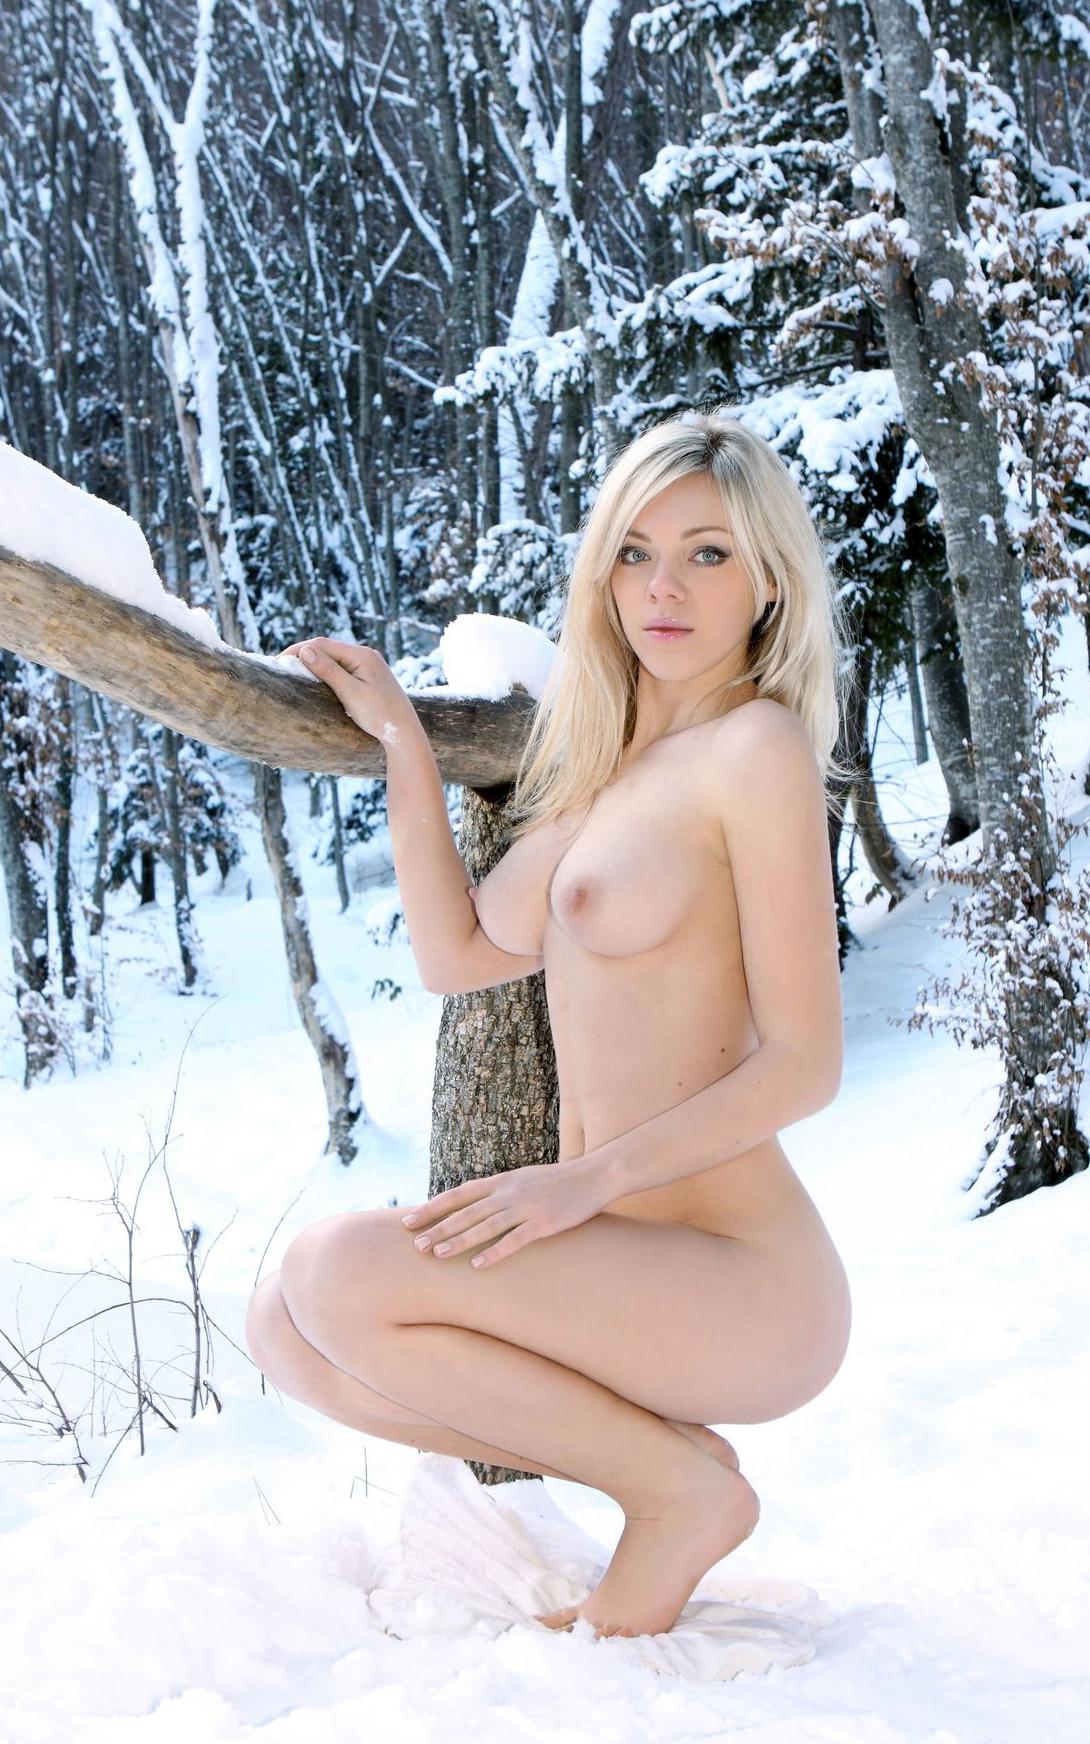 фото голой красивой девушки зимой